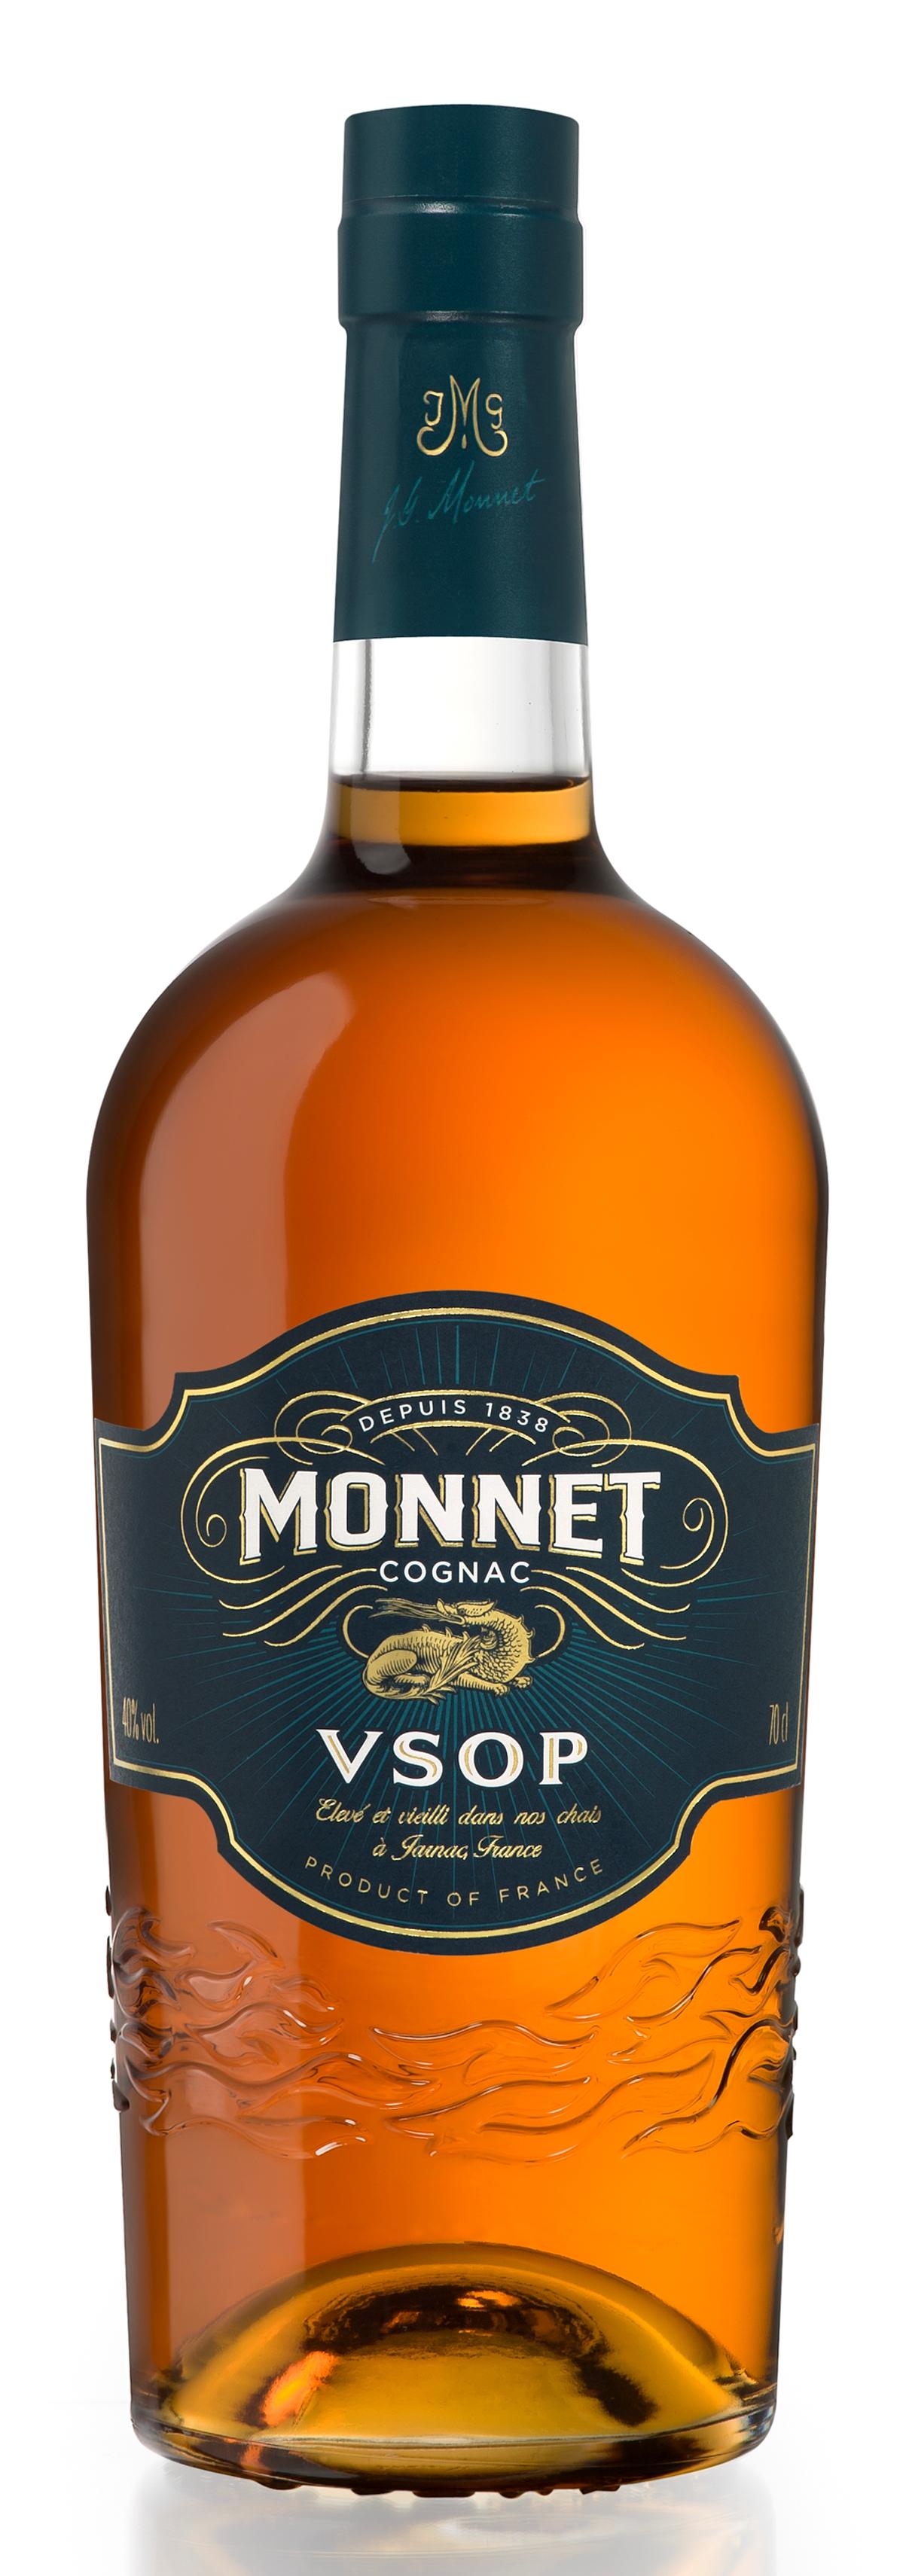 Cognac Monnet VSOP